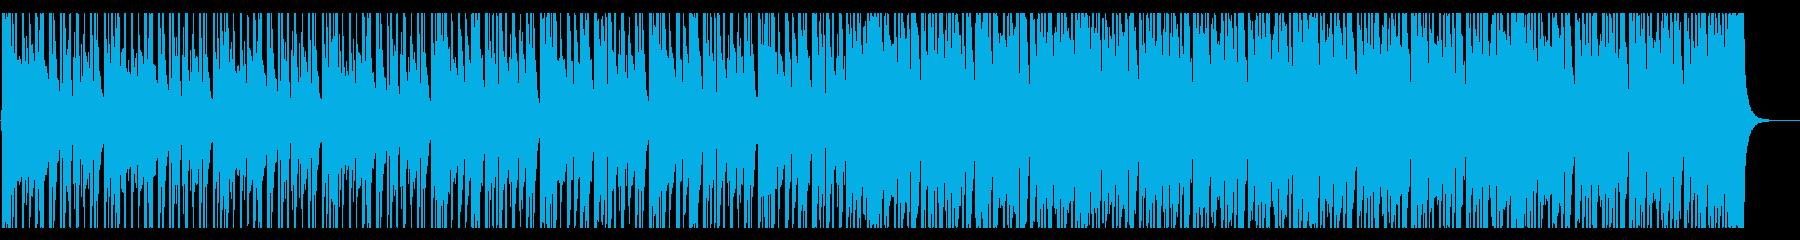 キラキラ/ピアノハウス_No423_3の再生済みの波形